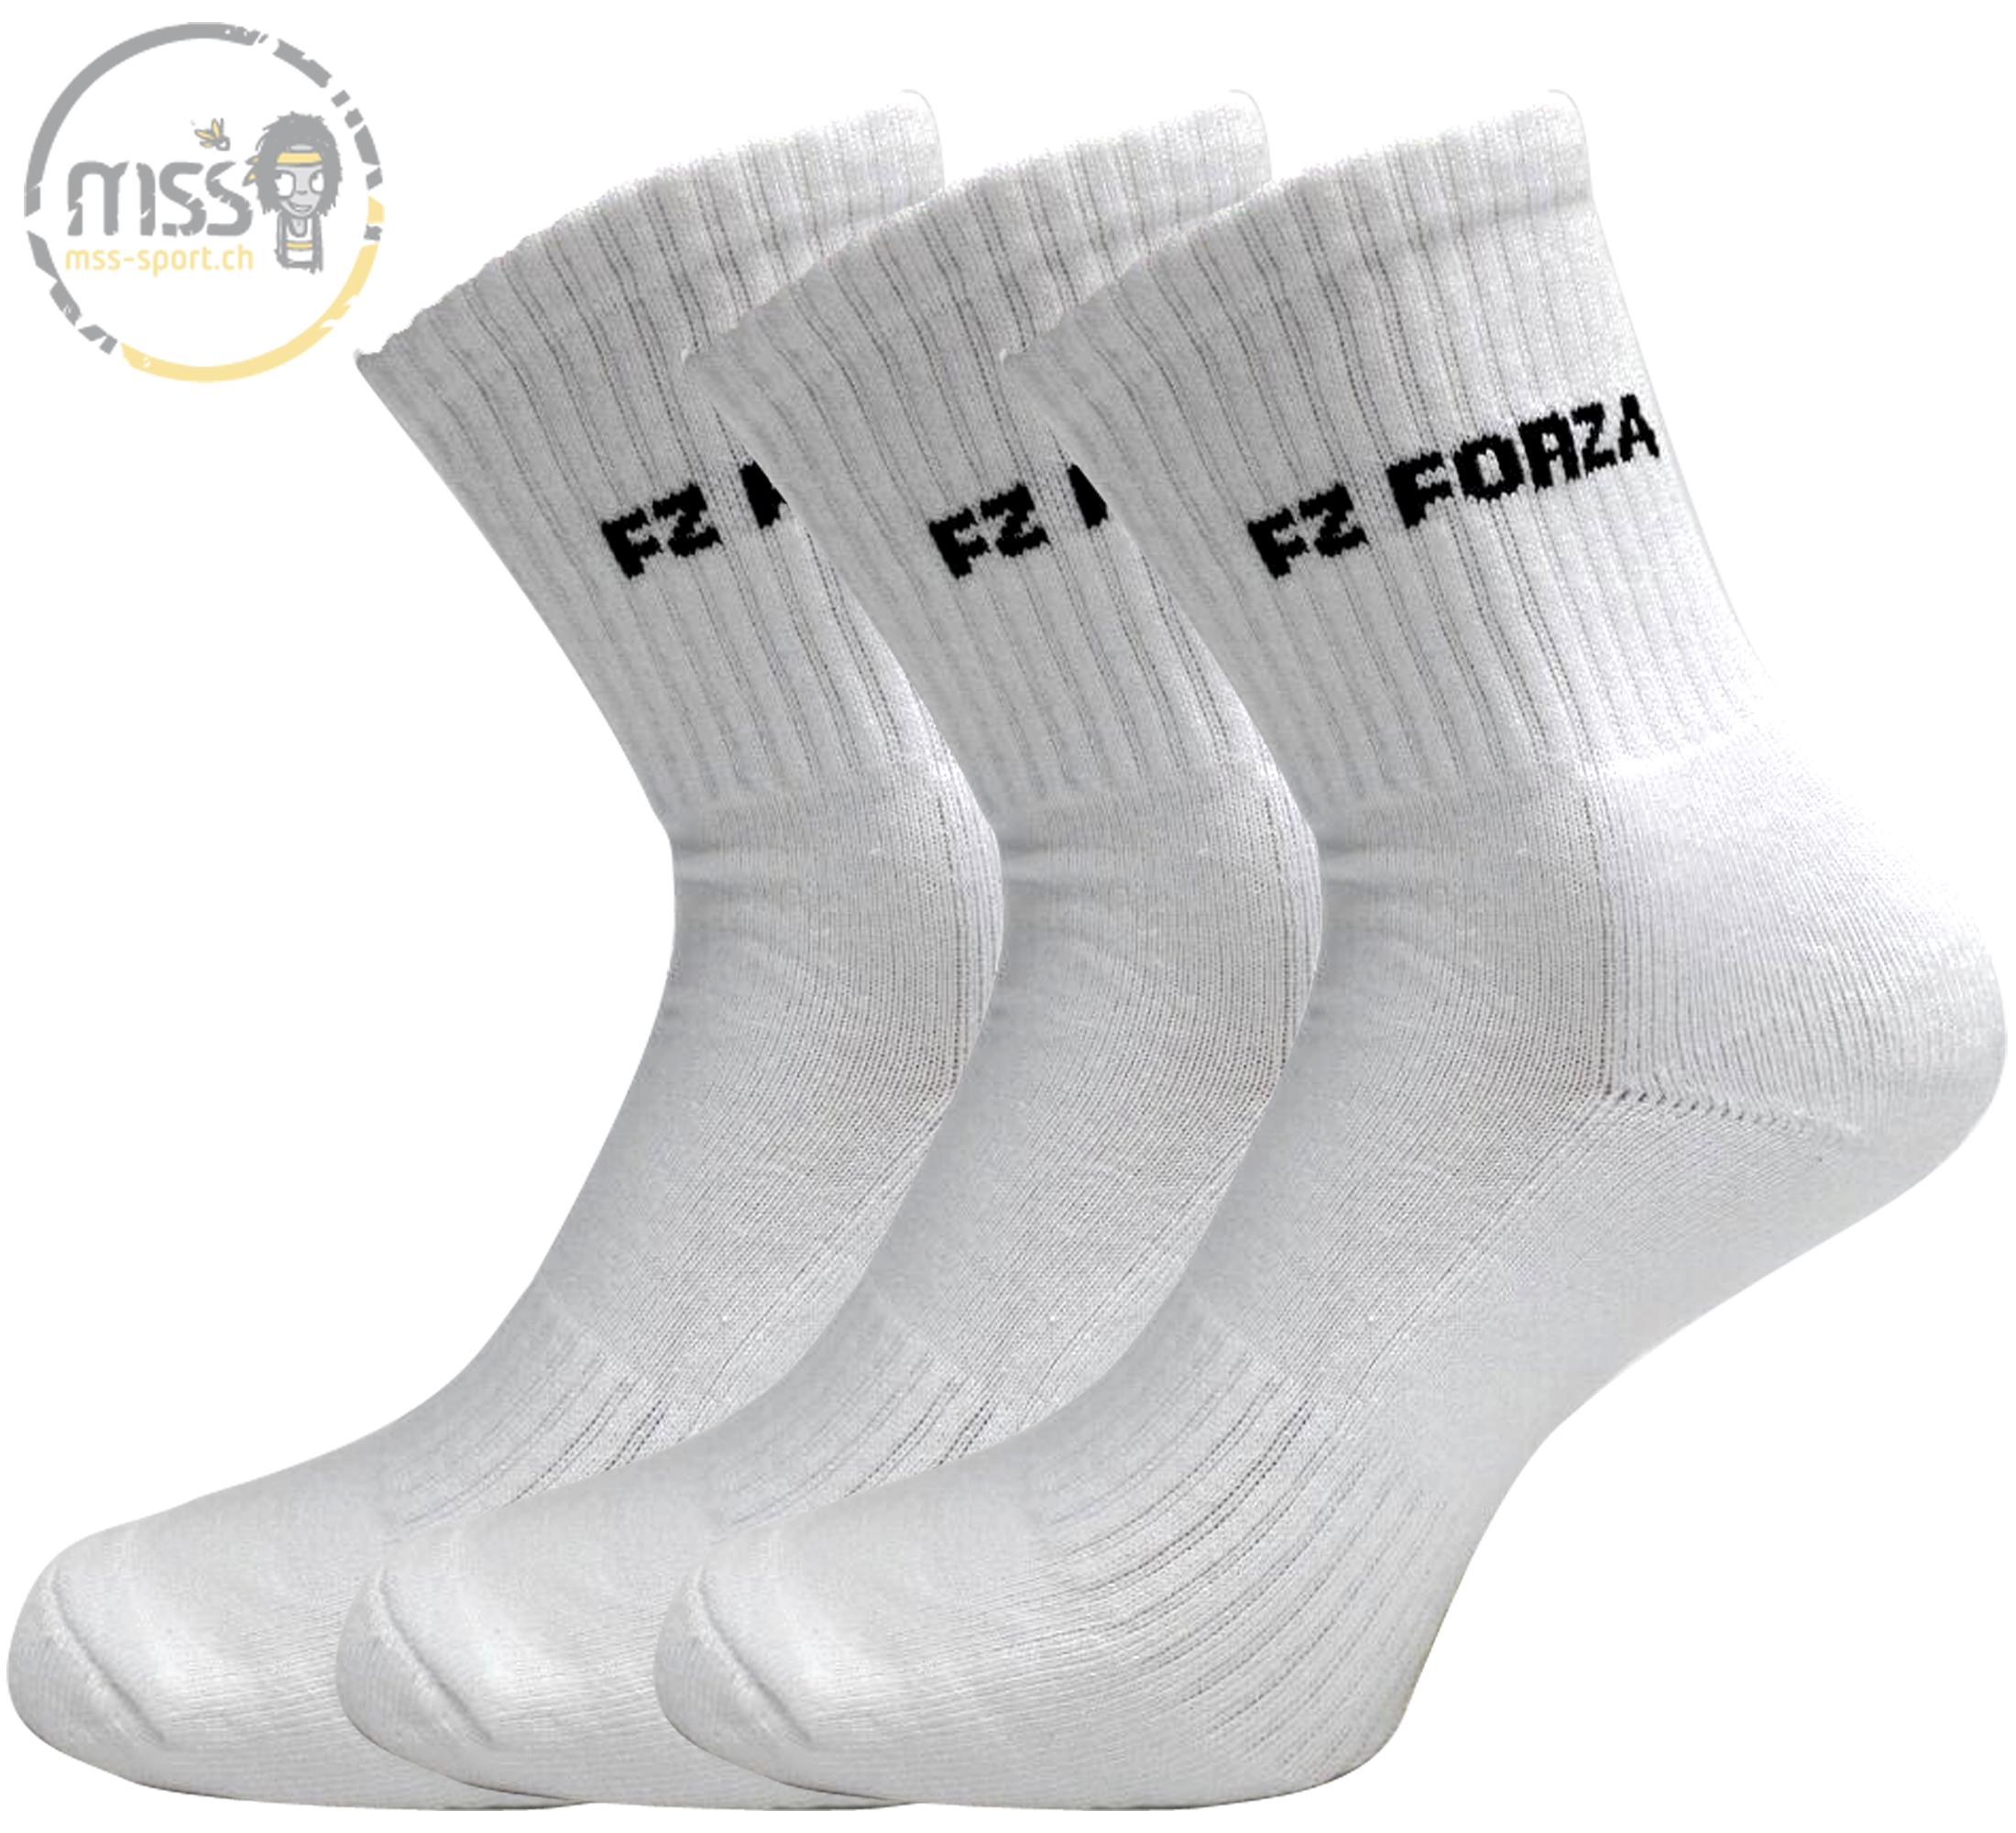 Forza Sock Comfort long white 3pack